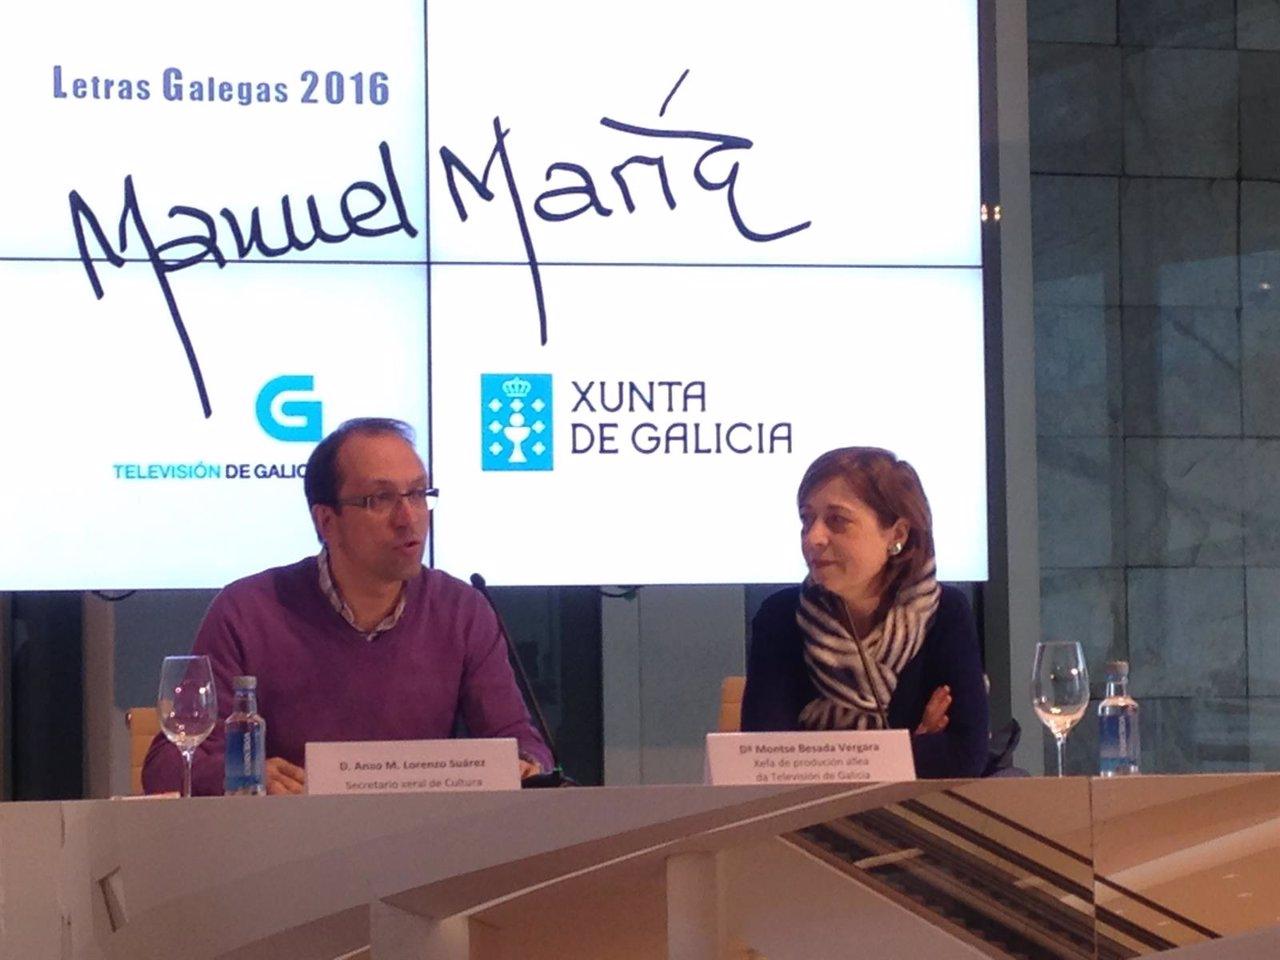 Presentación de piezas audiovisuales con motivo das Letras Galegas.